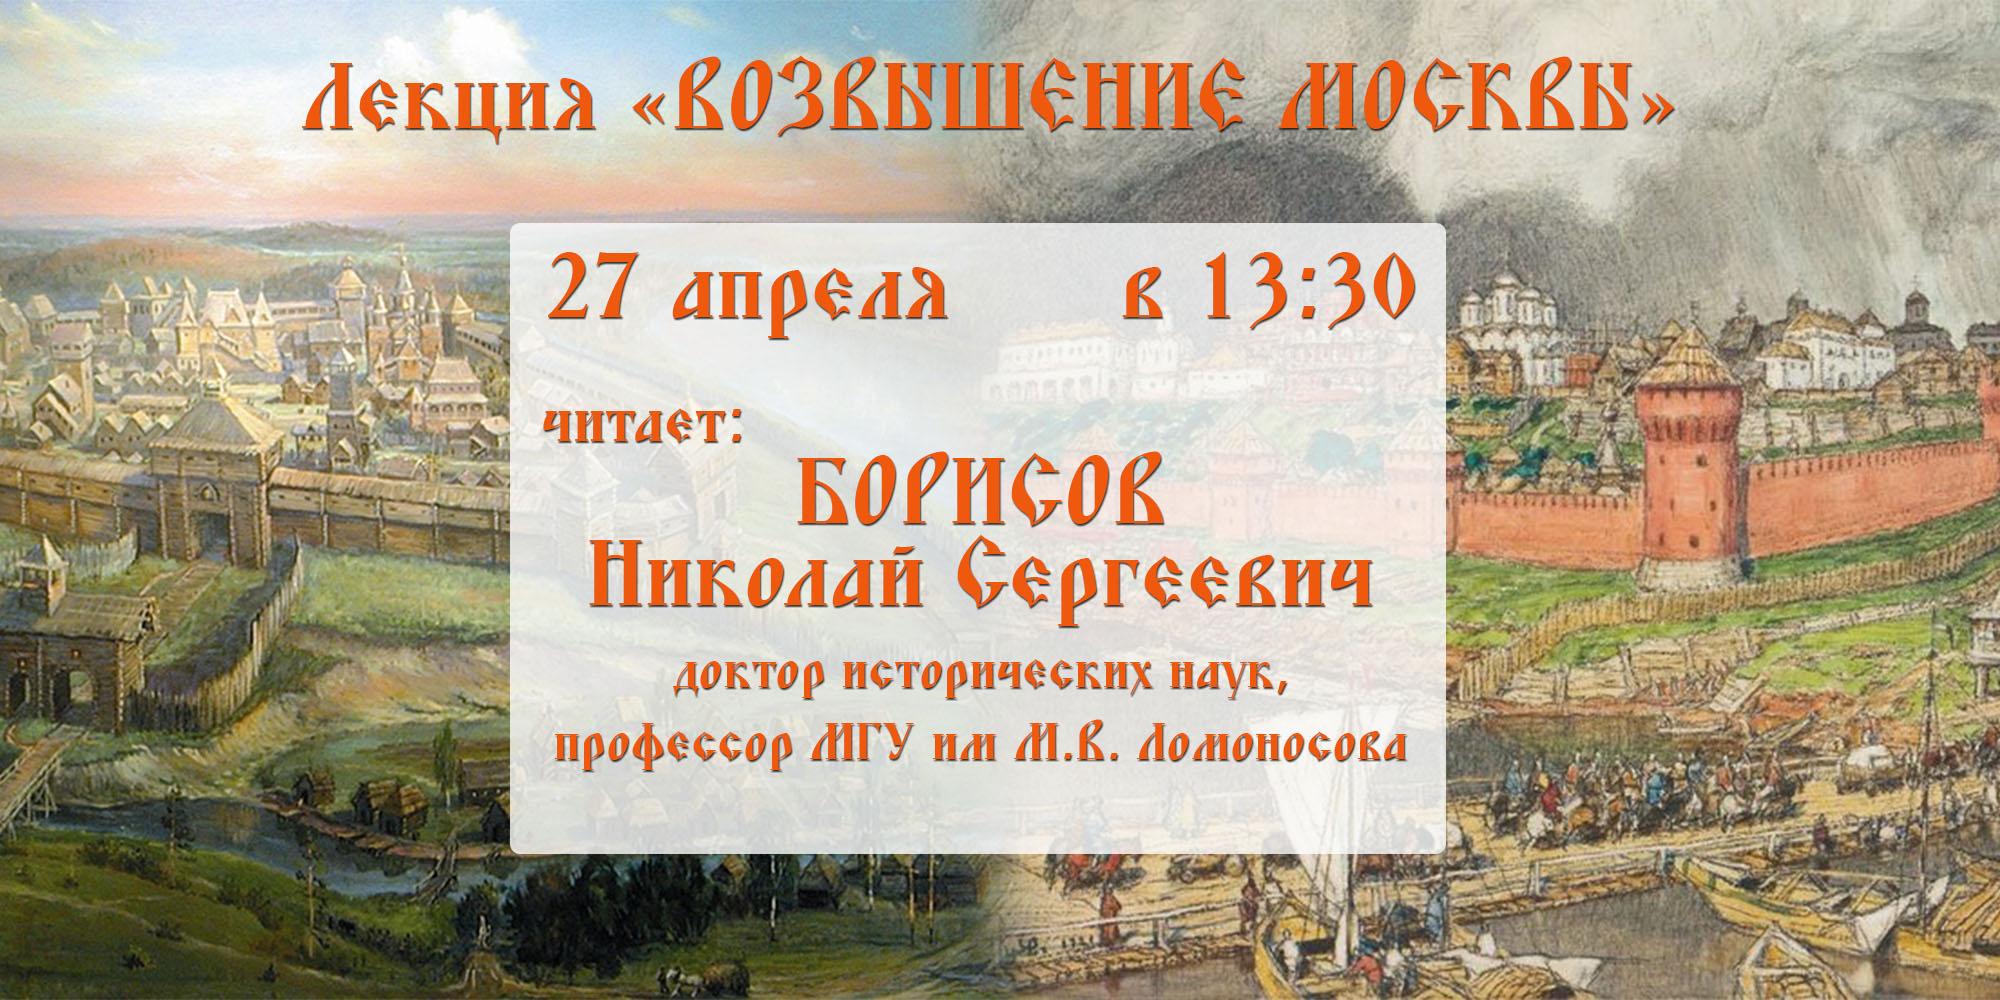 Лекция Возвышение Москвы Борисов Николай Сергеевич